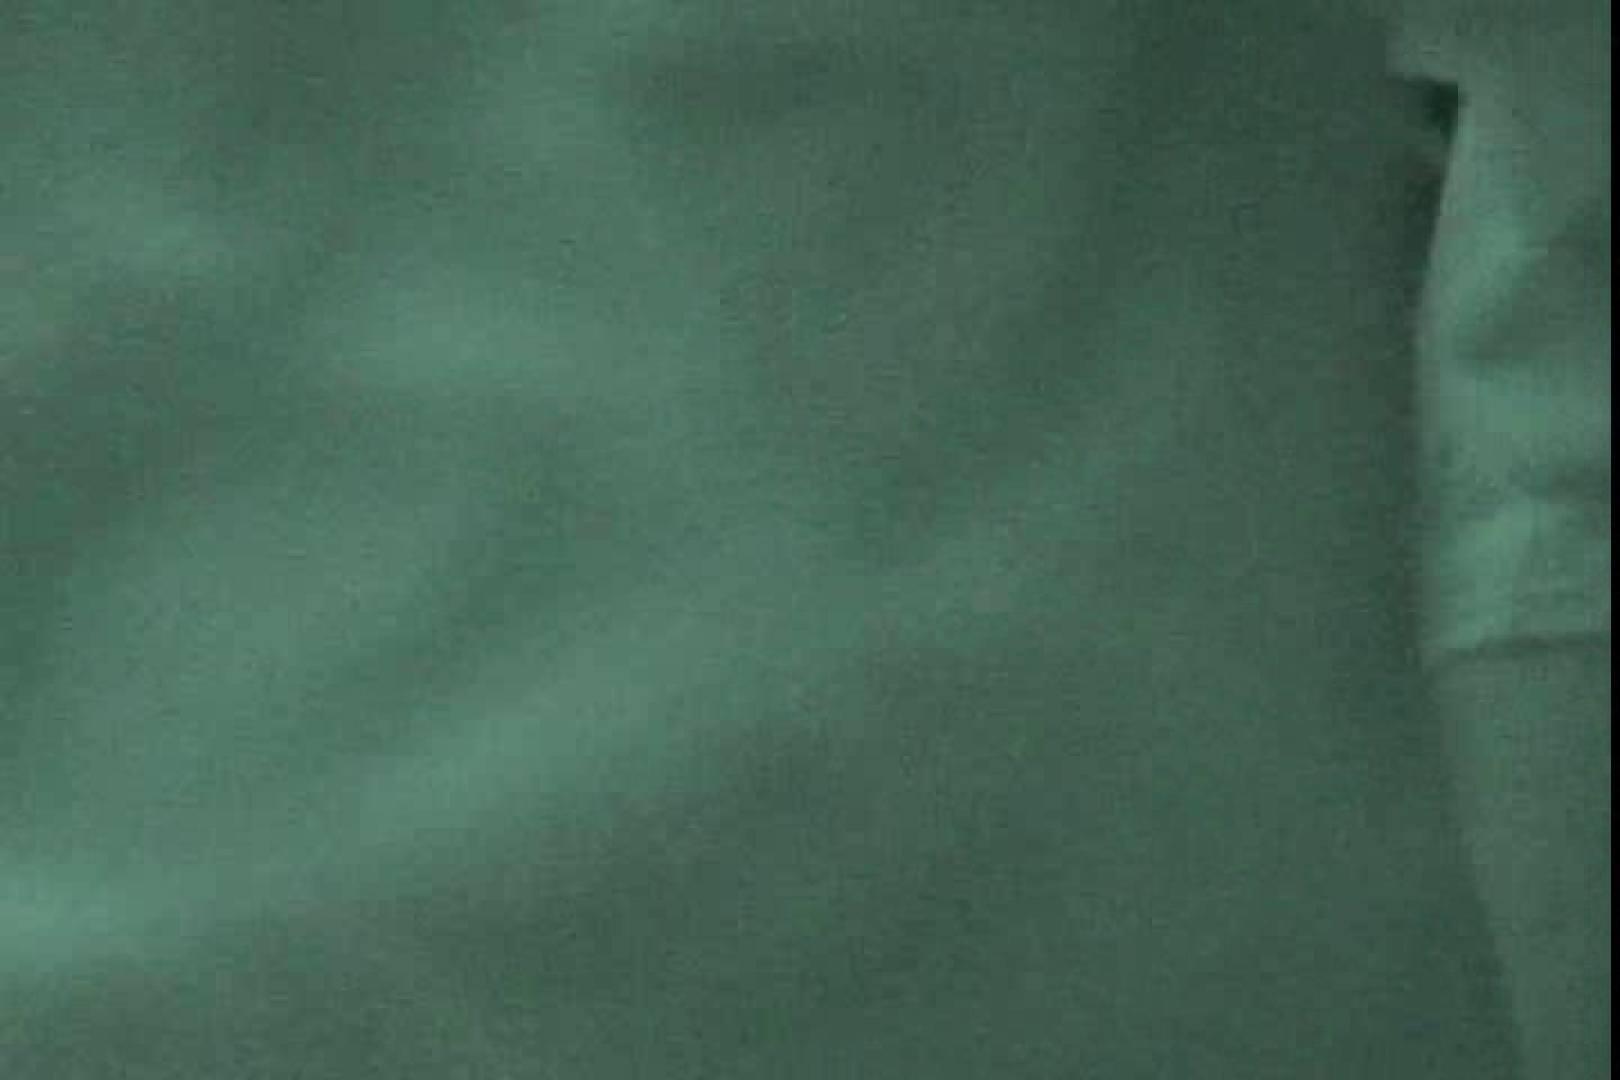 赤外線ムレスケバレー(汗) vol.02 赤外線 | パンツ  84連発 41